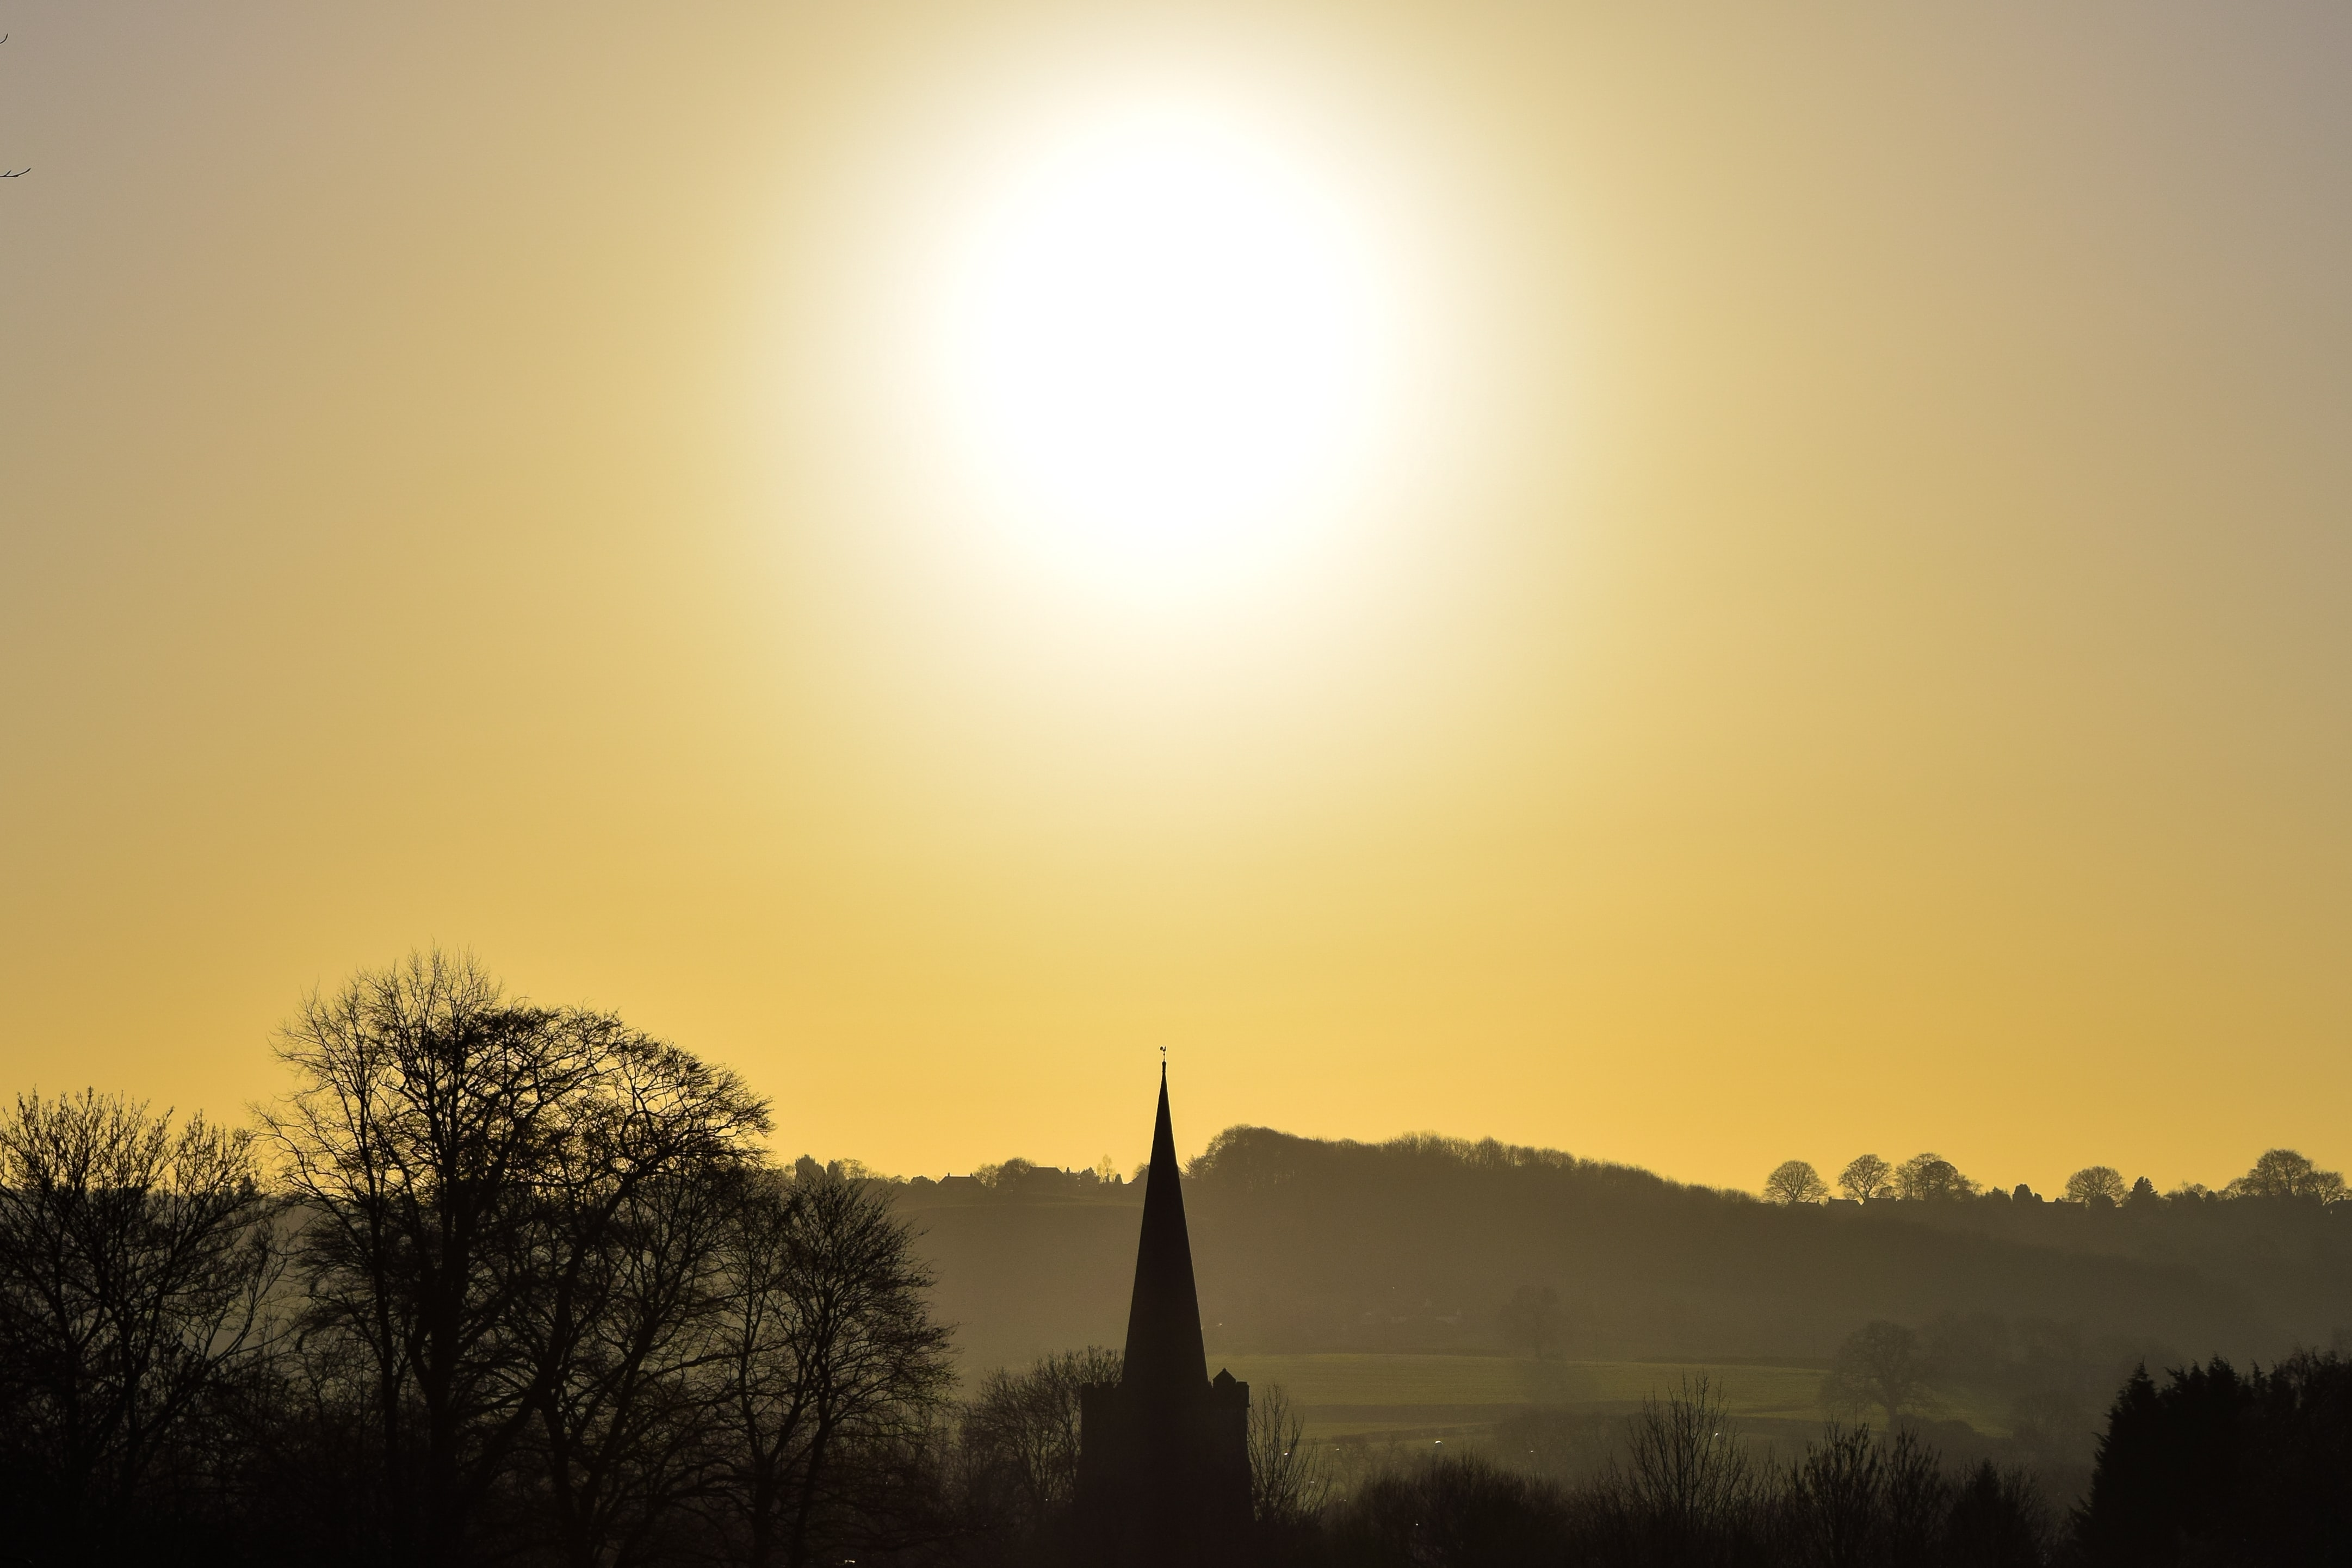 sun above trees